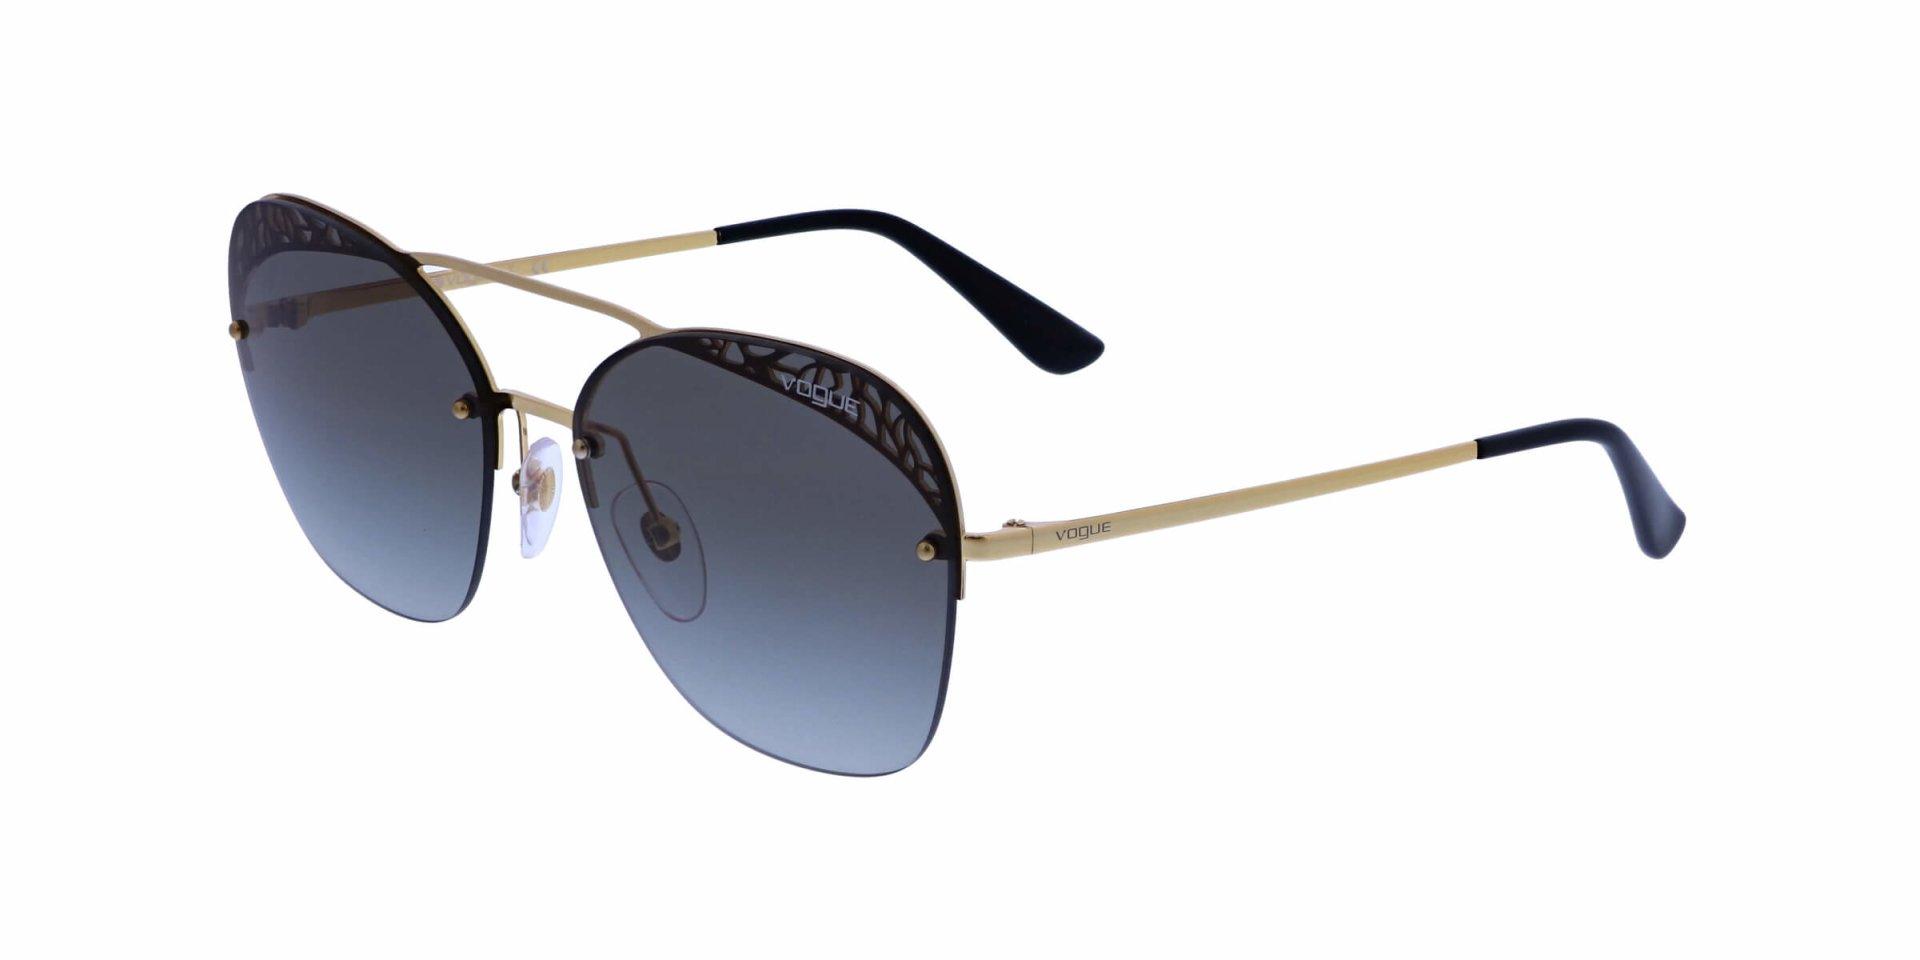 41fda5d0bfa Sunglasses VOGUE | Opticlasa